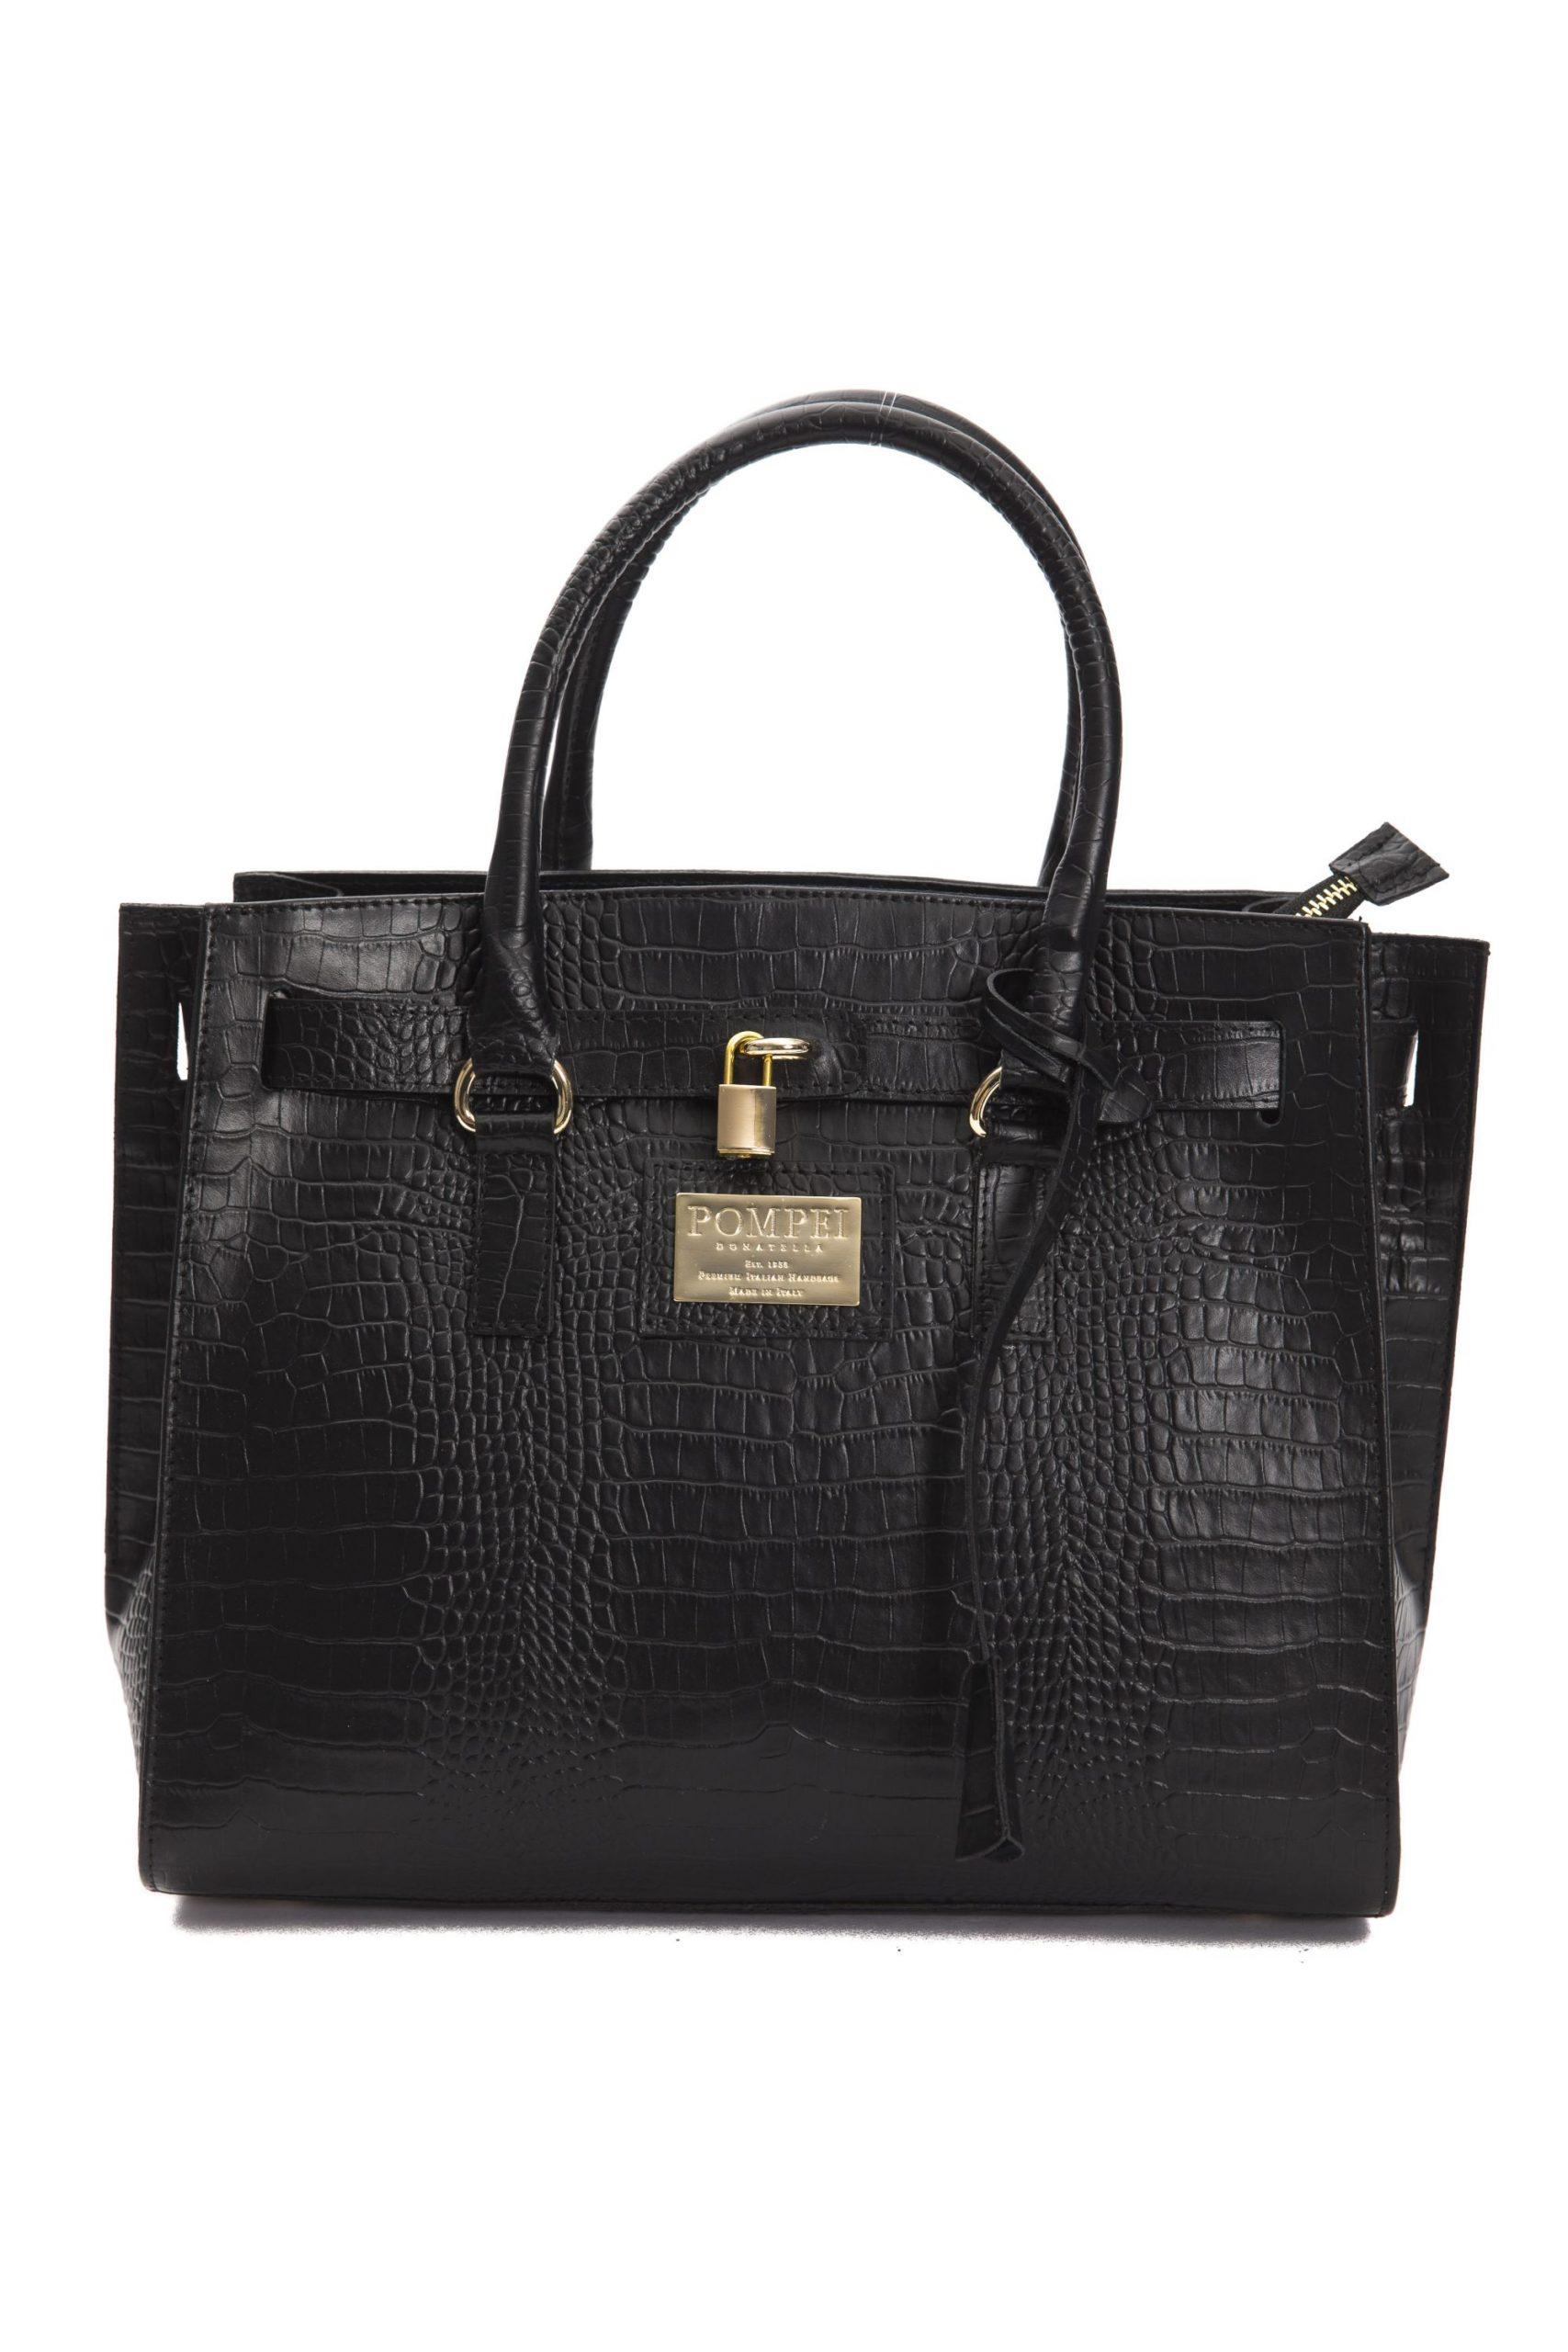 Pompei Donatella Women's Handbag Black PO667706